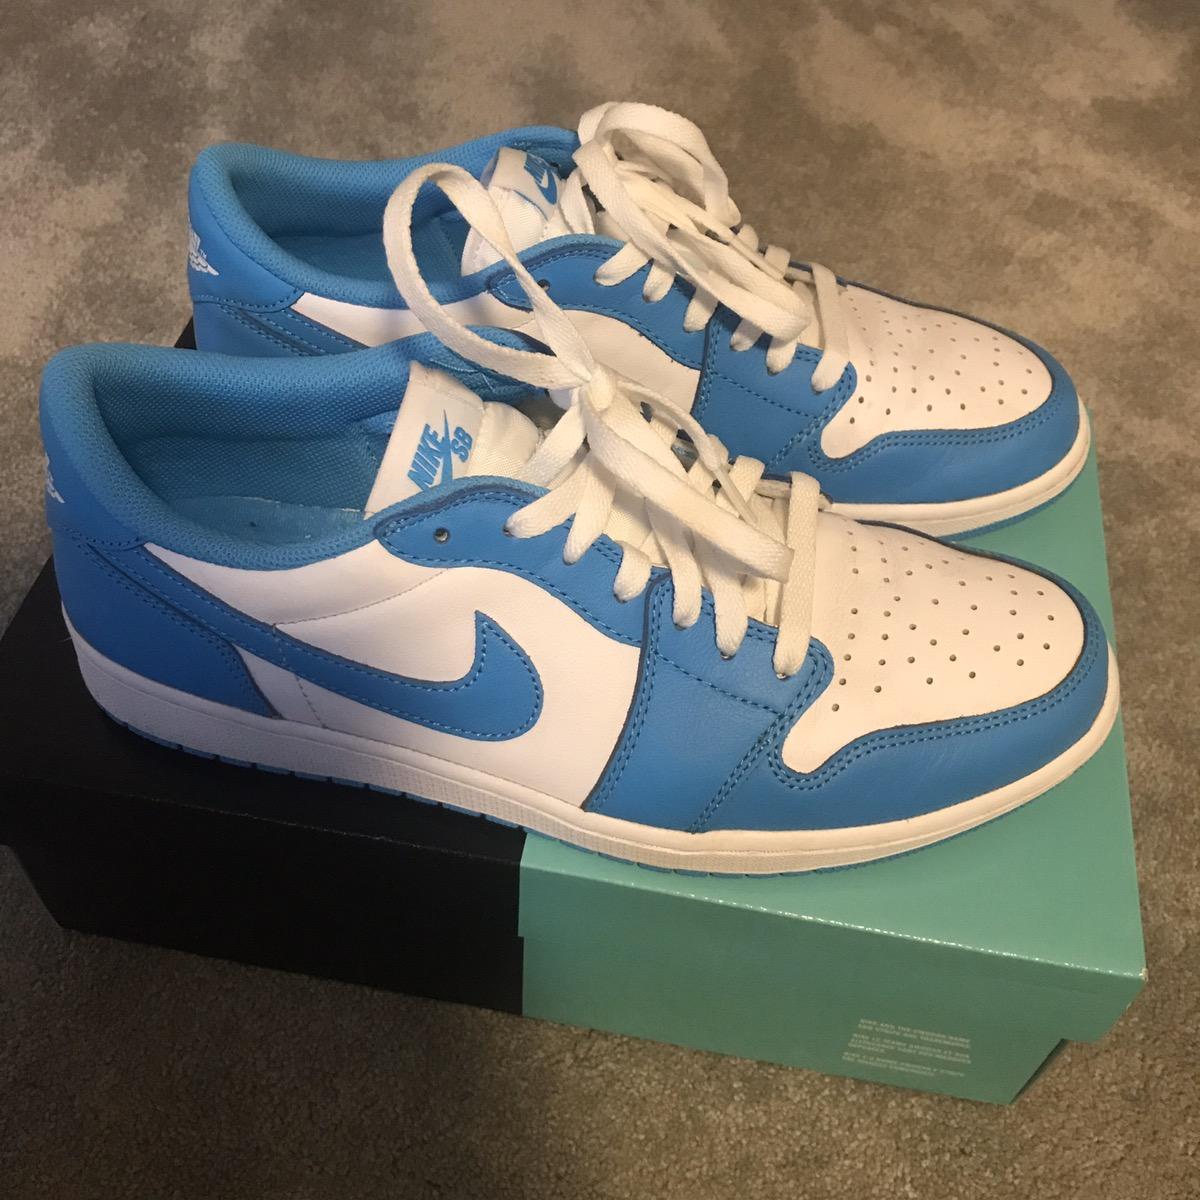 Nike Eric Koston Air Jordan 1 Low Unc Grailed